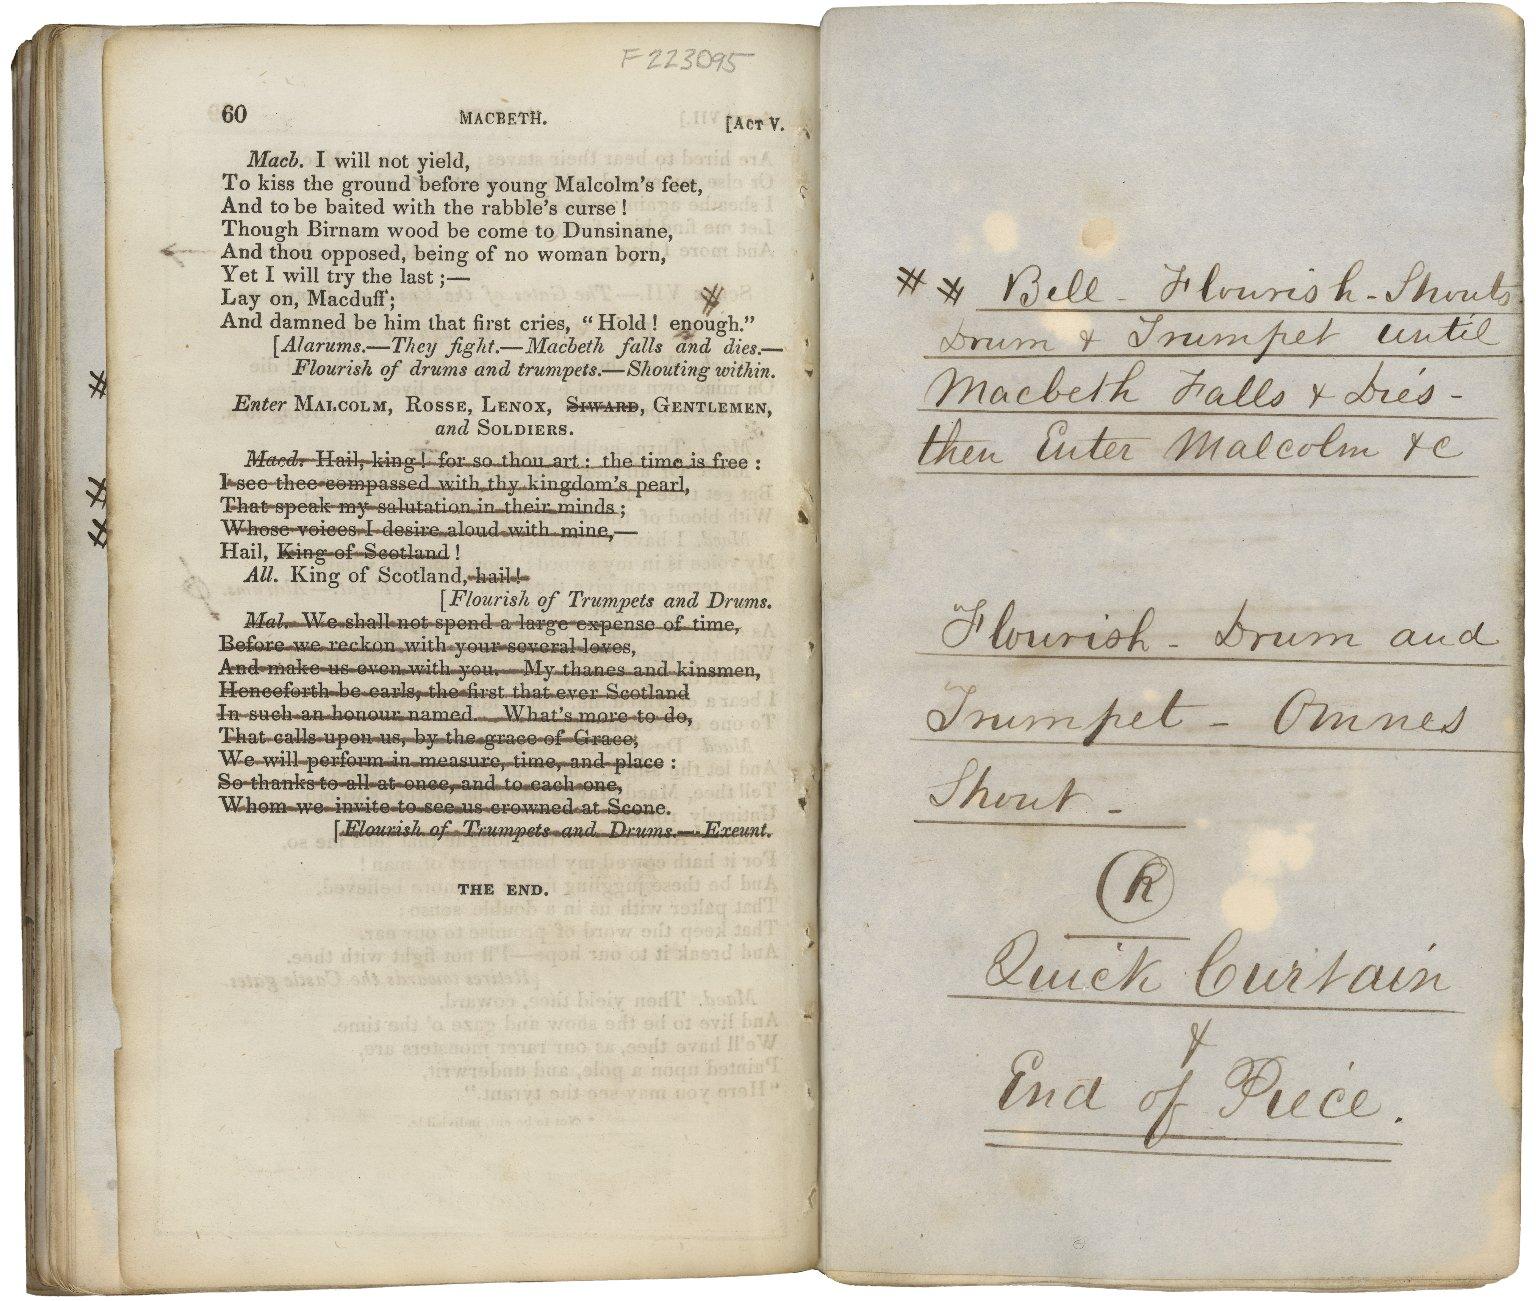 Macbeth promptbook